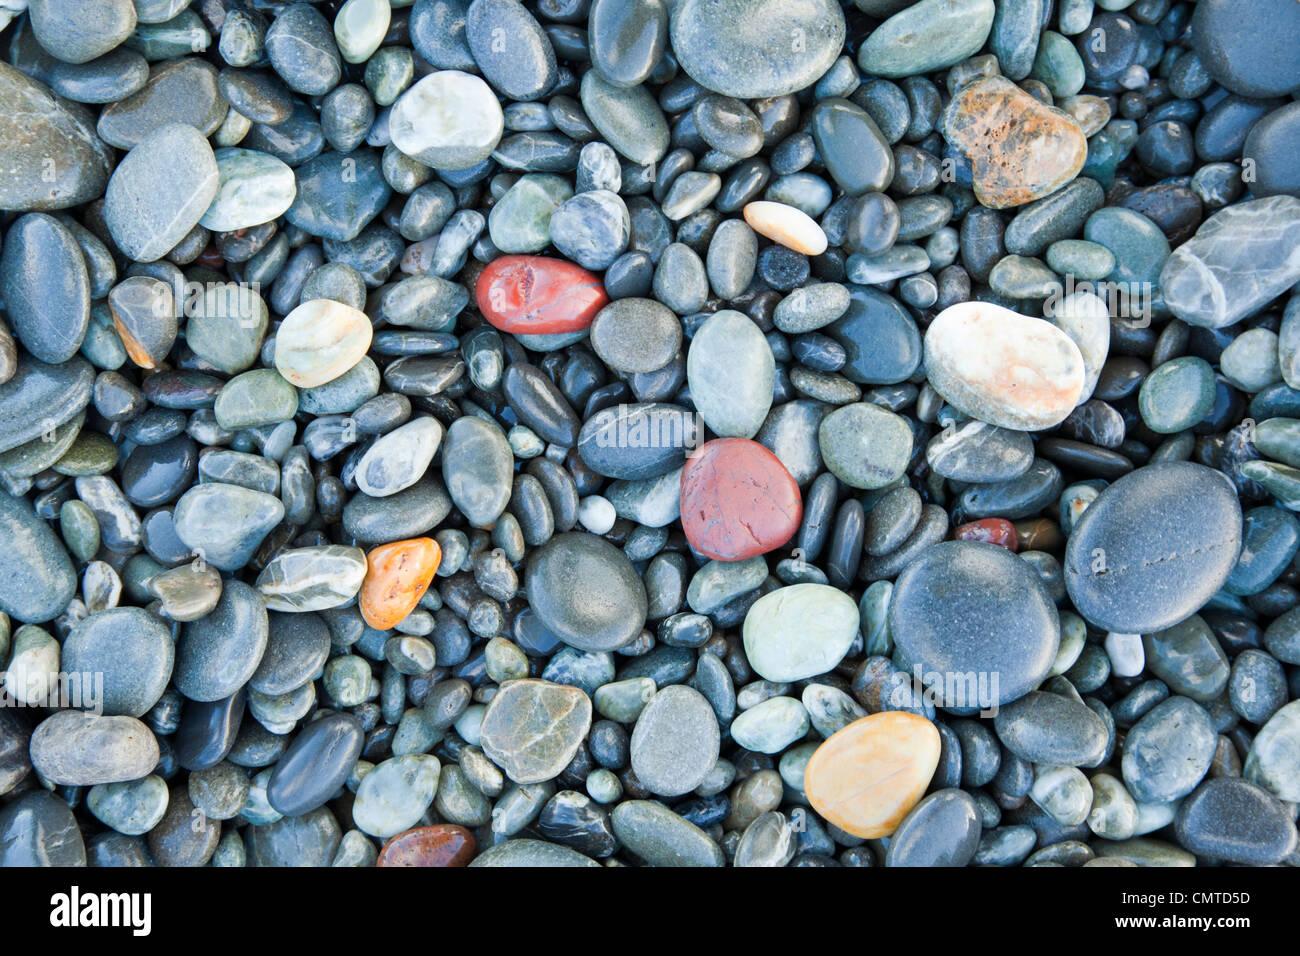 La spiaggia di ciottoli a Birdlings piana, Canterbury, Nuova Zelanda, è notato per piccole agate e ciottoli Immagini Stock